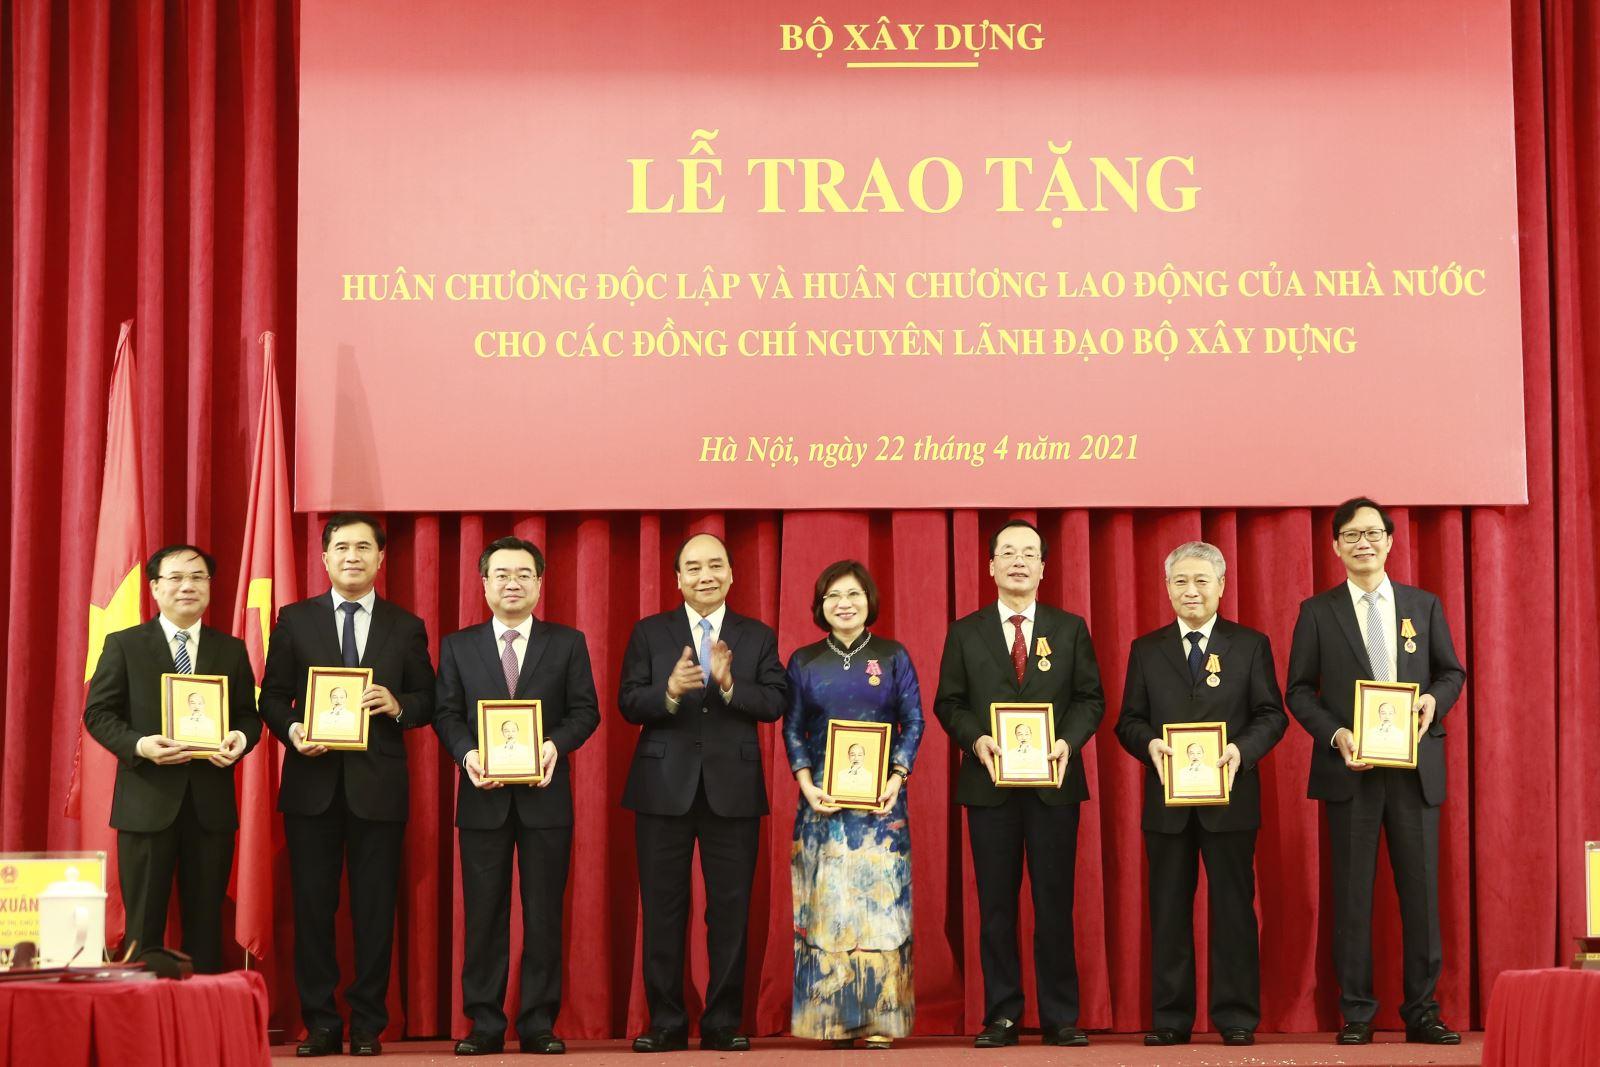 Chủ tịch nước Nguyễn Xuân Phúc tặng quà lưu niệm cho các đồng chí lãnh đạo, nguyên lãnh đạo Bộ Xây dựng